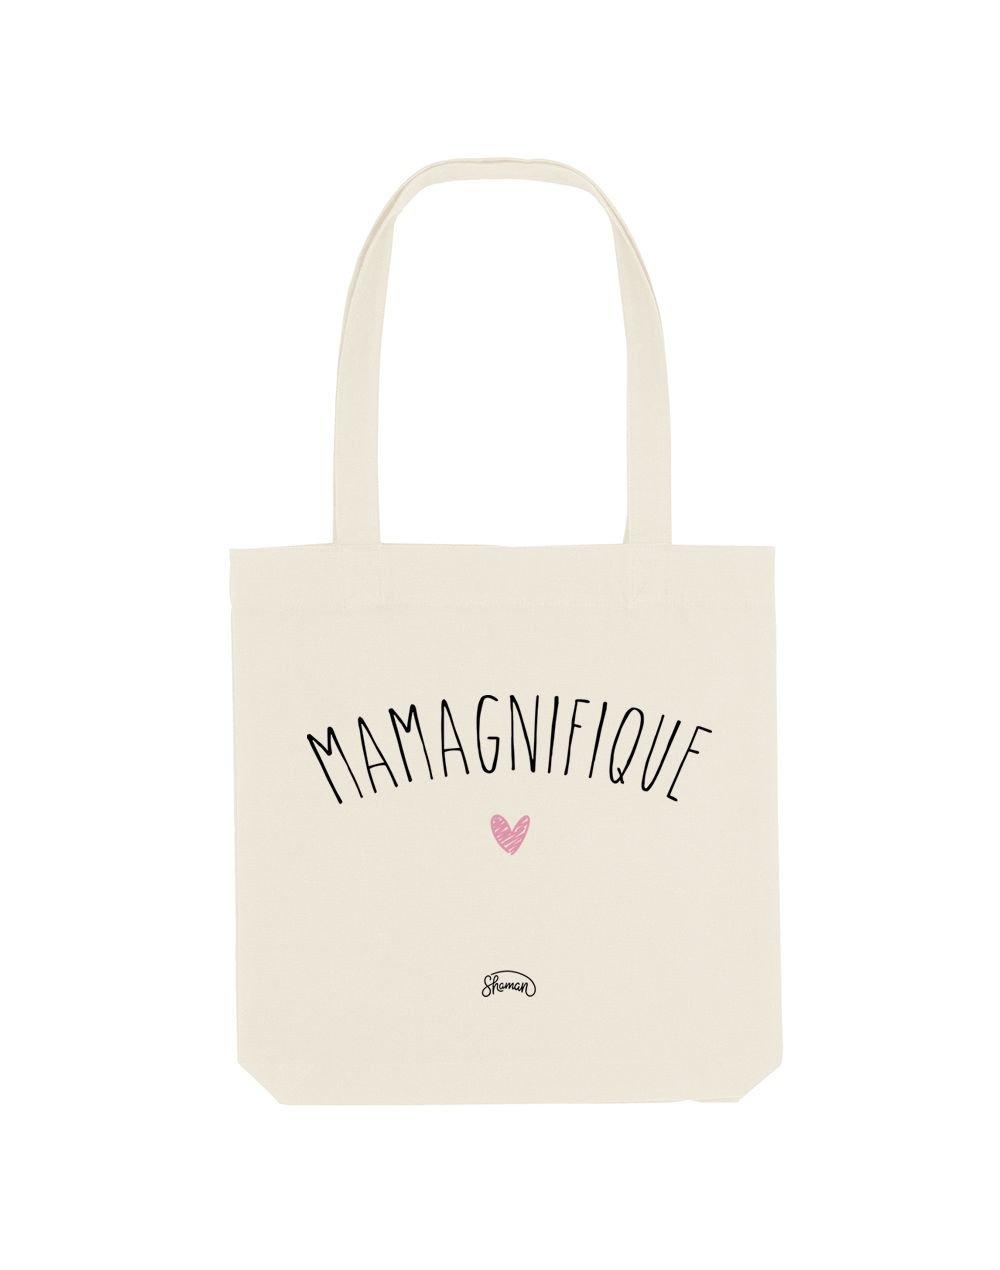 MAMAGNIFIQUE - Tote Bag  Blanc  en coton